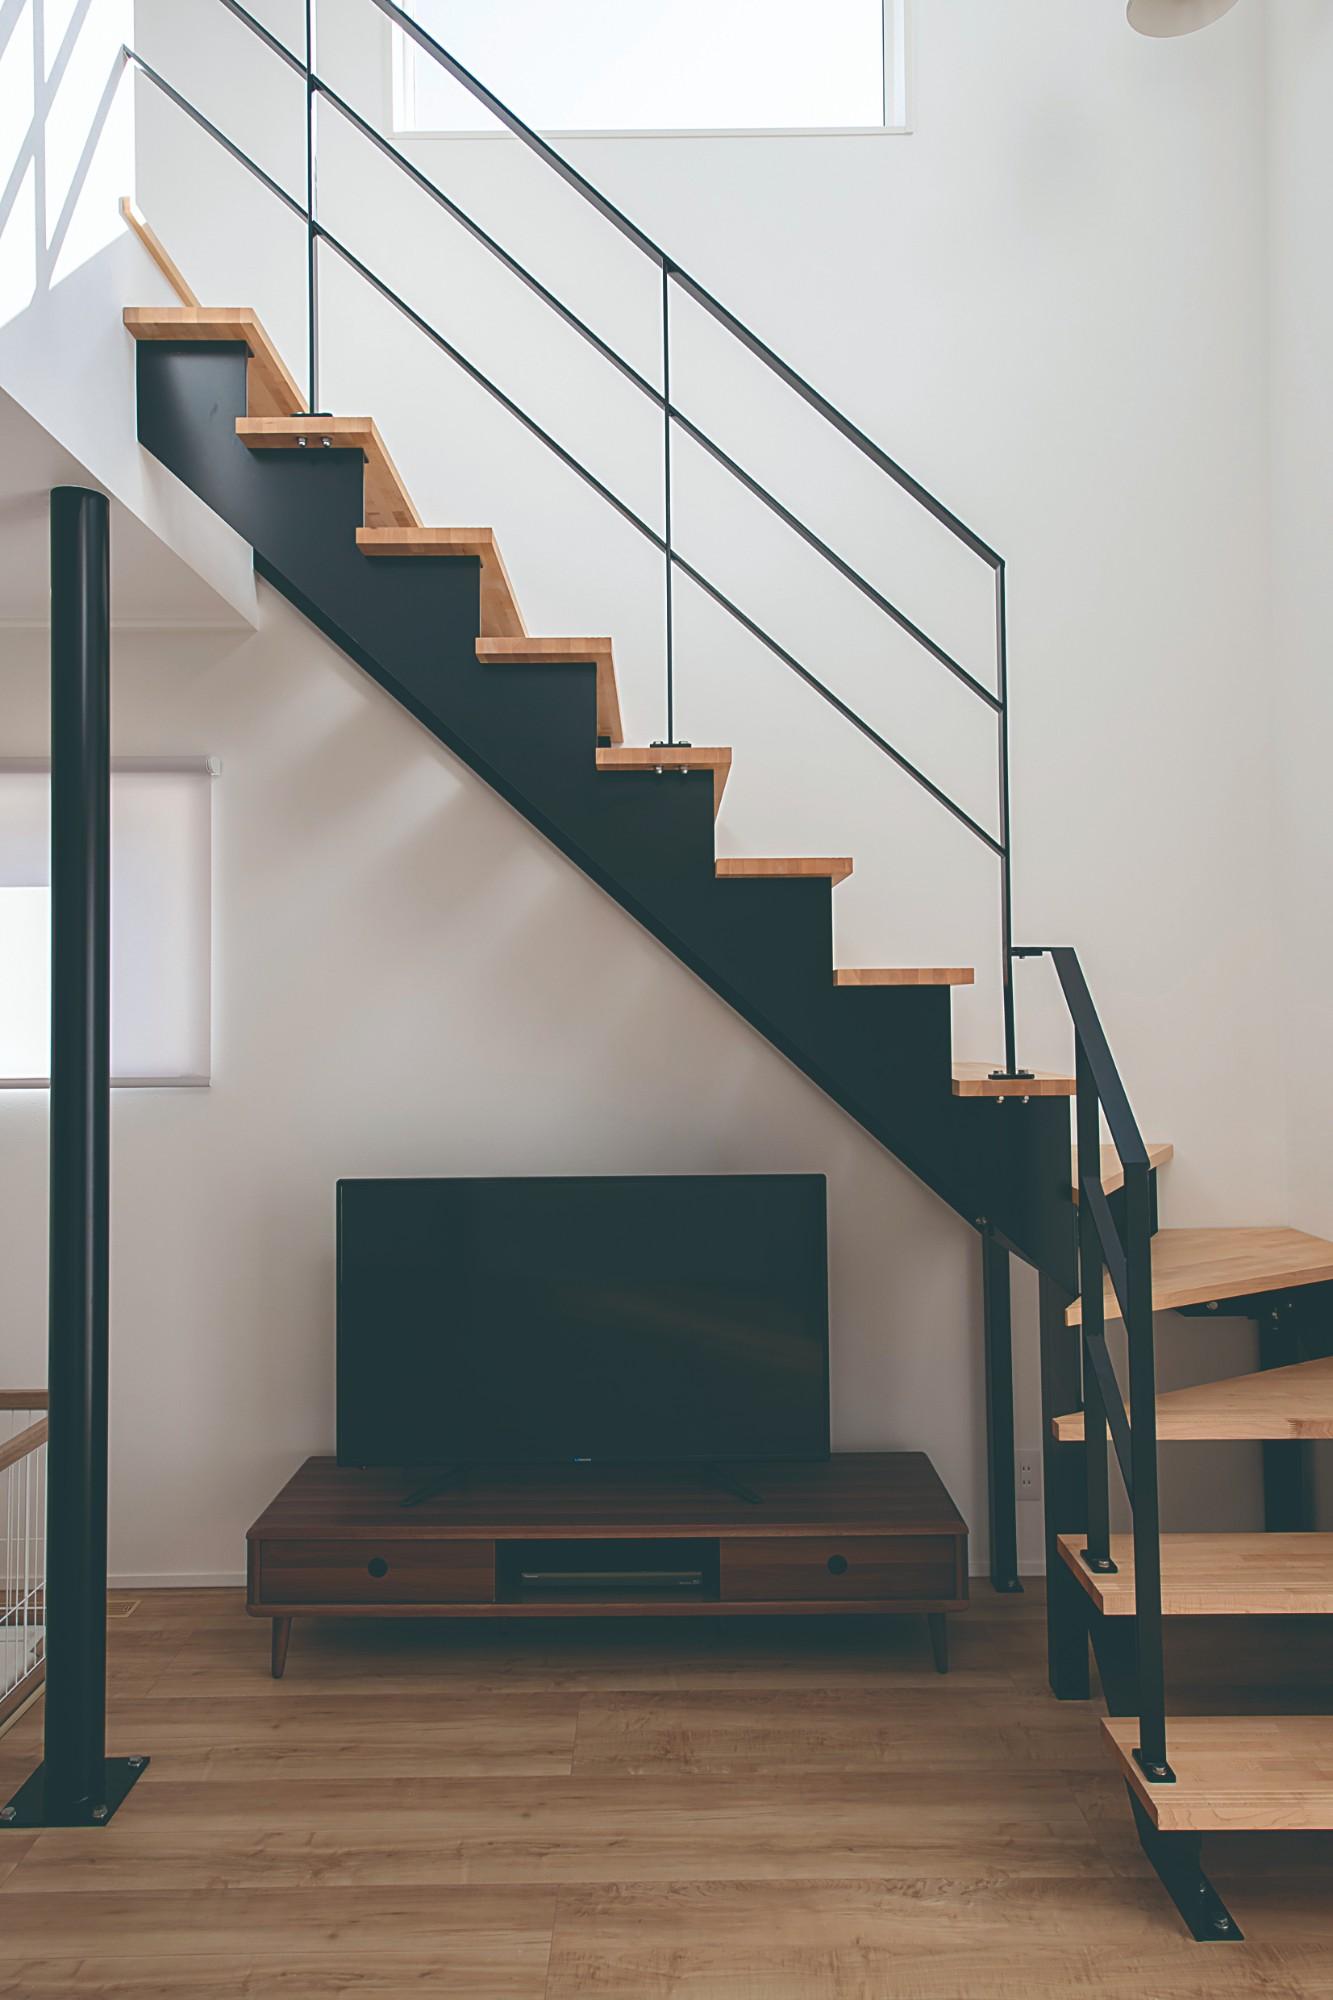 スタイリッシュな鉄骨階段。アイアンの黒が優しい色調のリビングを引き締めている。